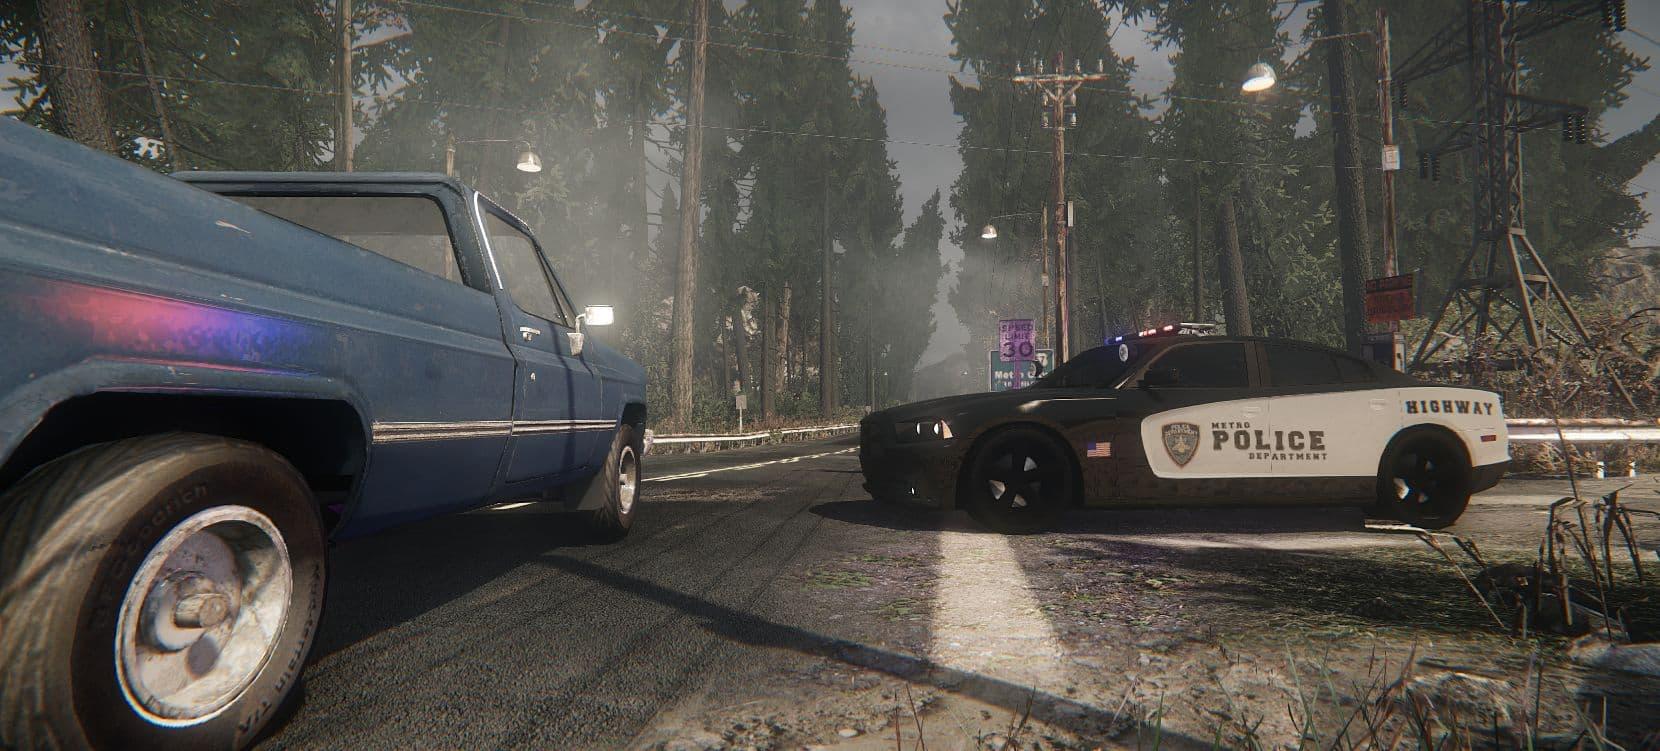 Police 10-13 - Image n°6